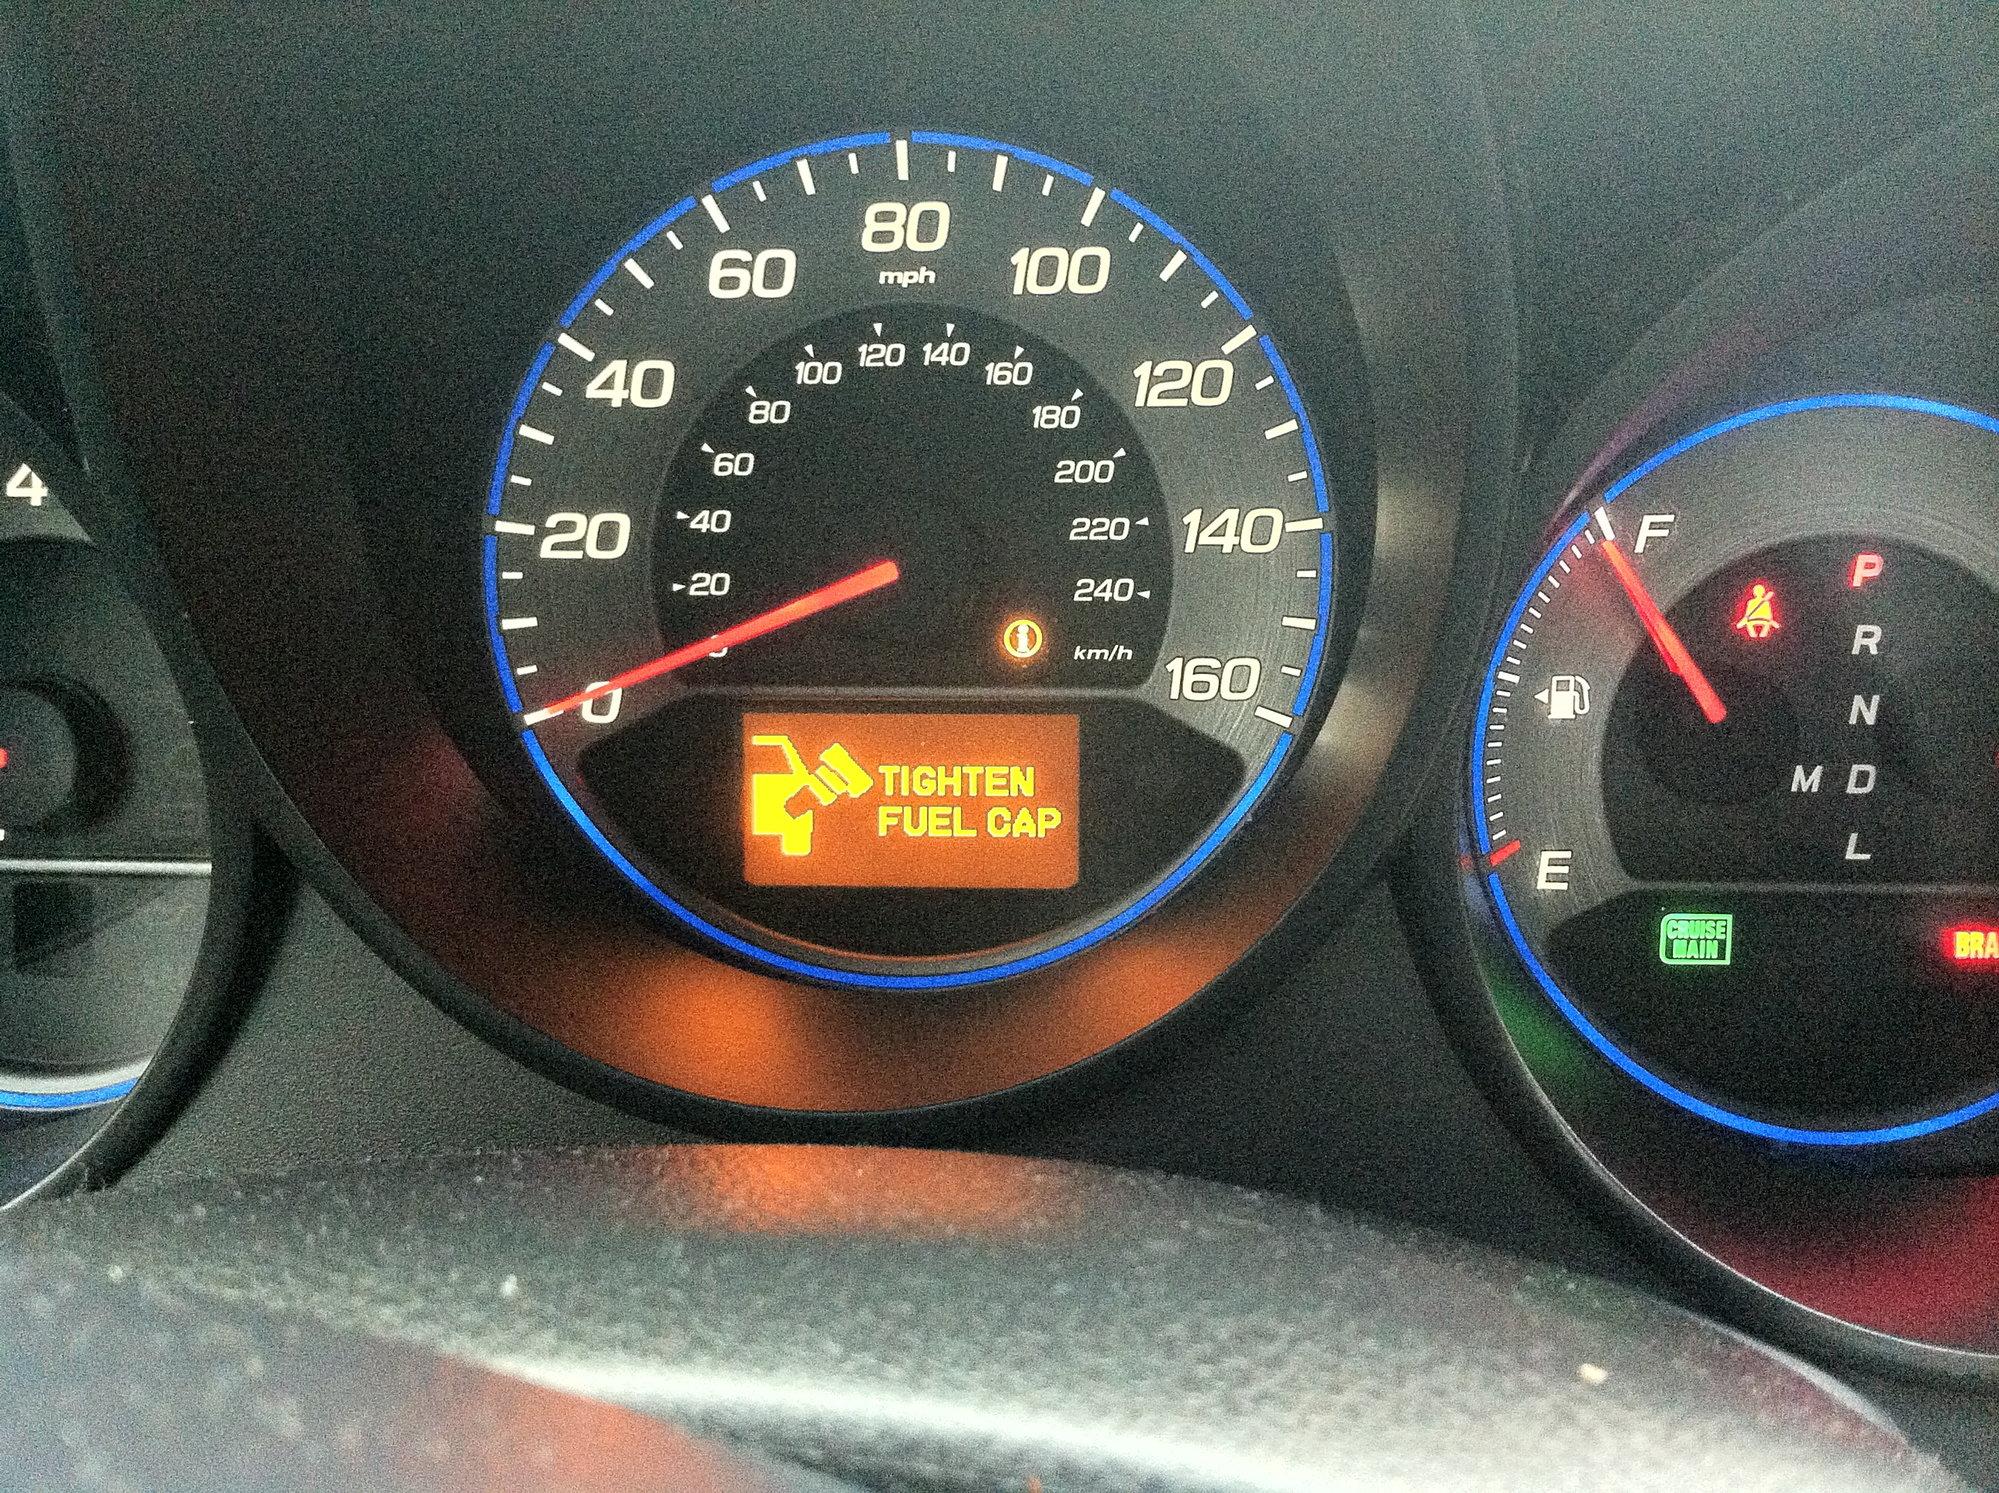 2007 Acura Tl Tighten Fuel Cap Warning Light Acurazine Acura